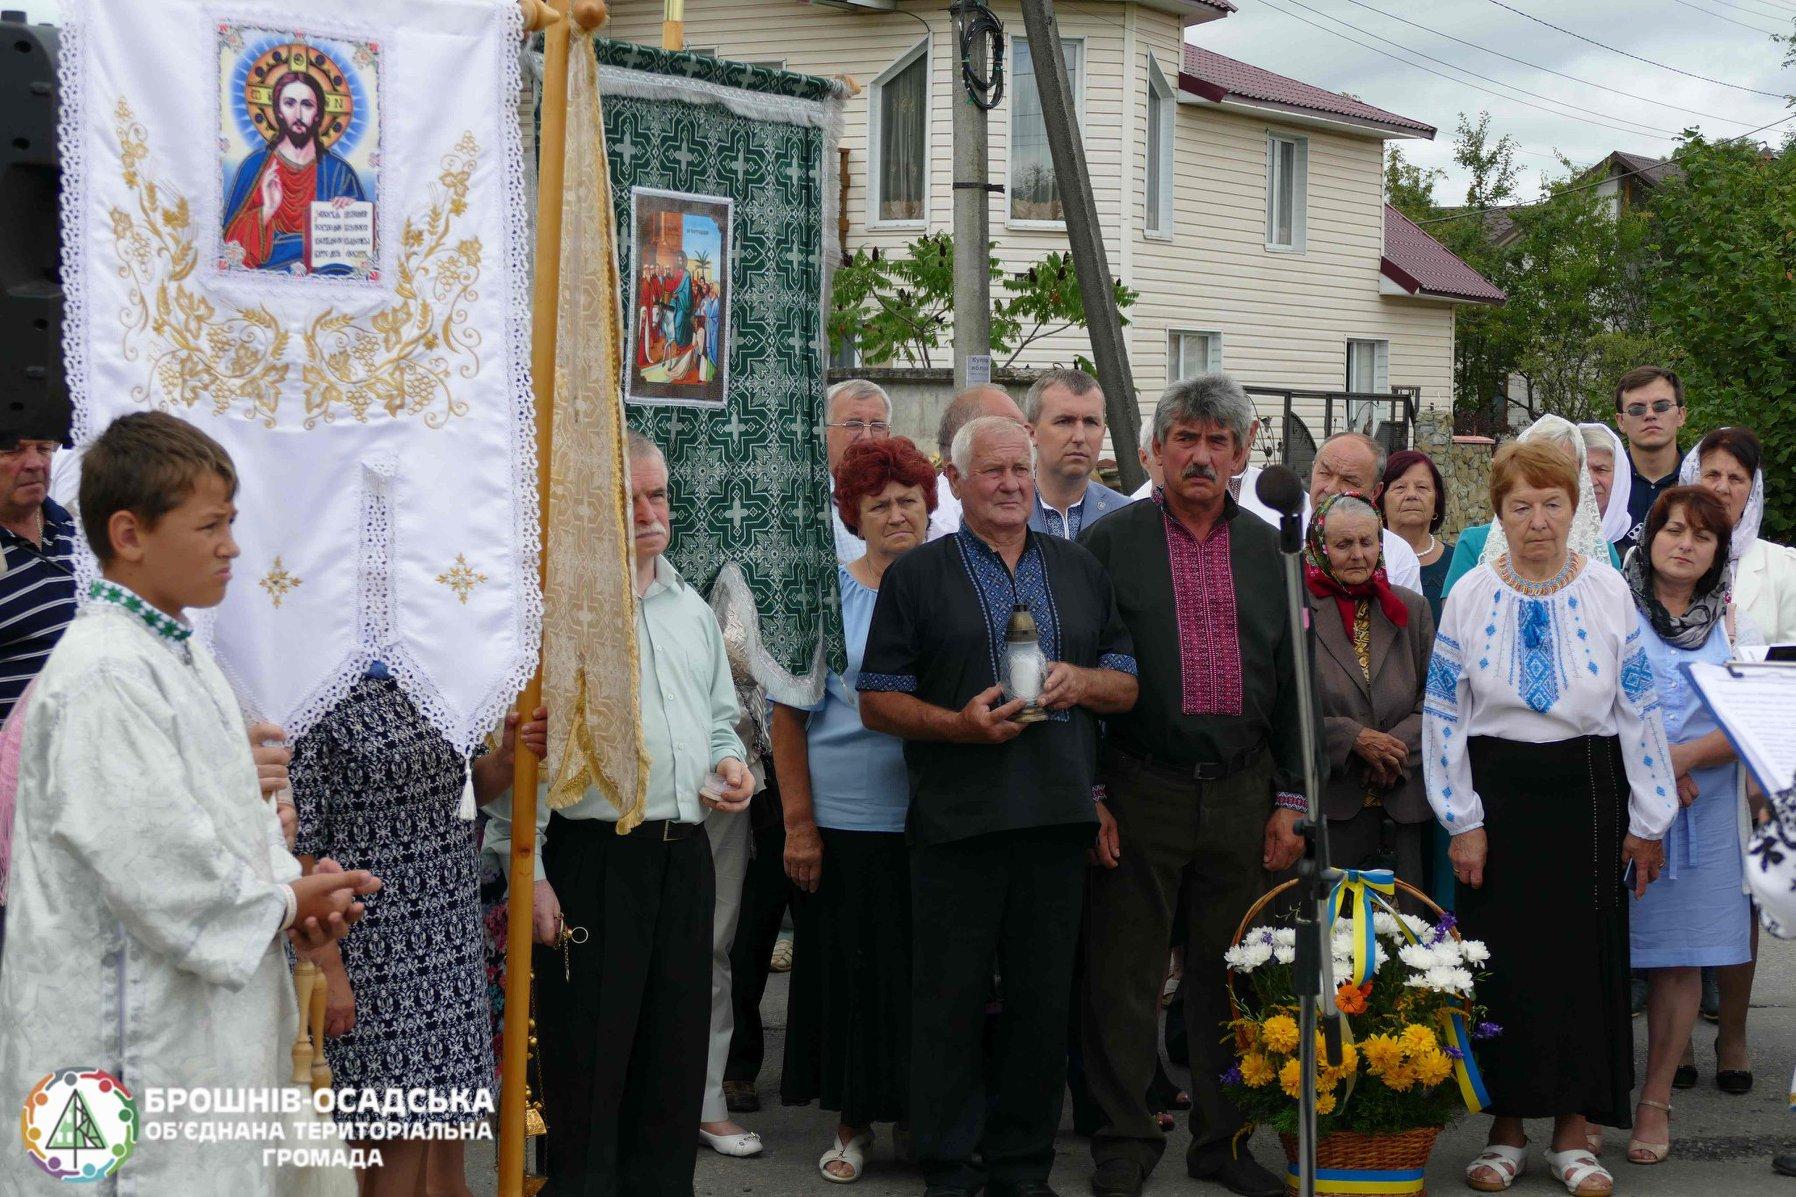 На Прикарпатті відреставрували пам'ятний Хрест жертвам комуністичного режиму 2